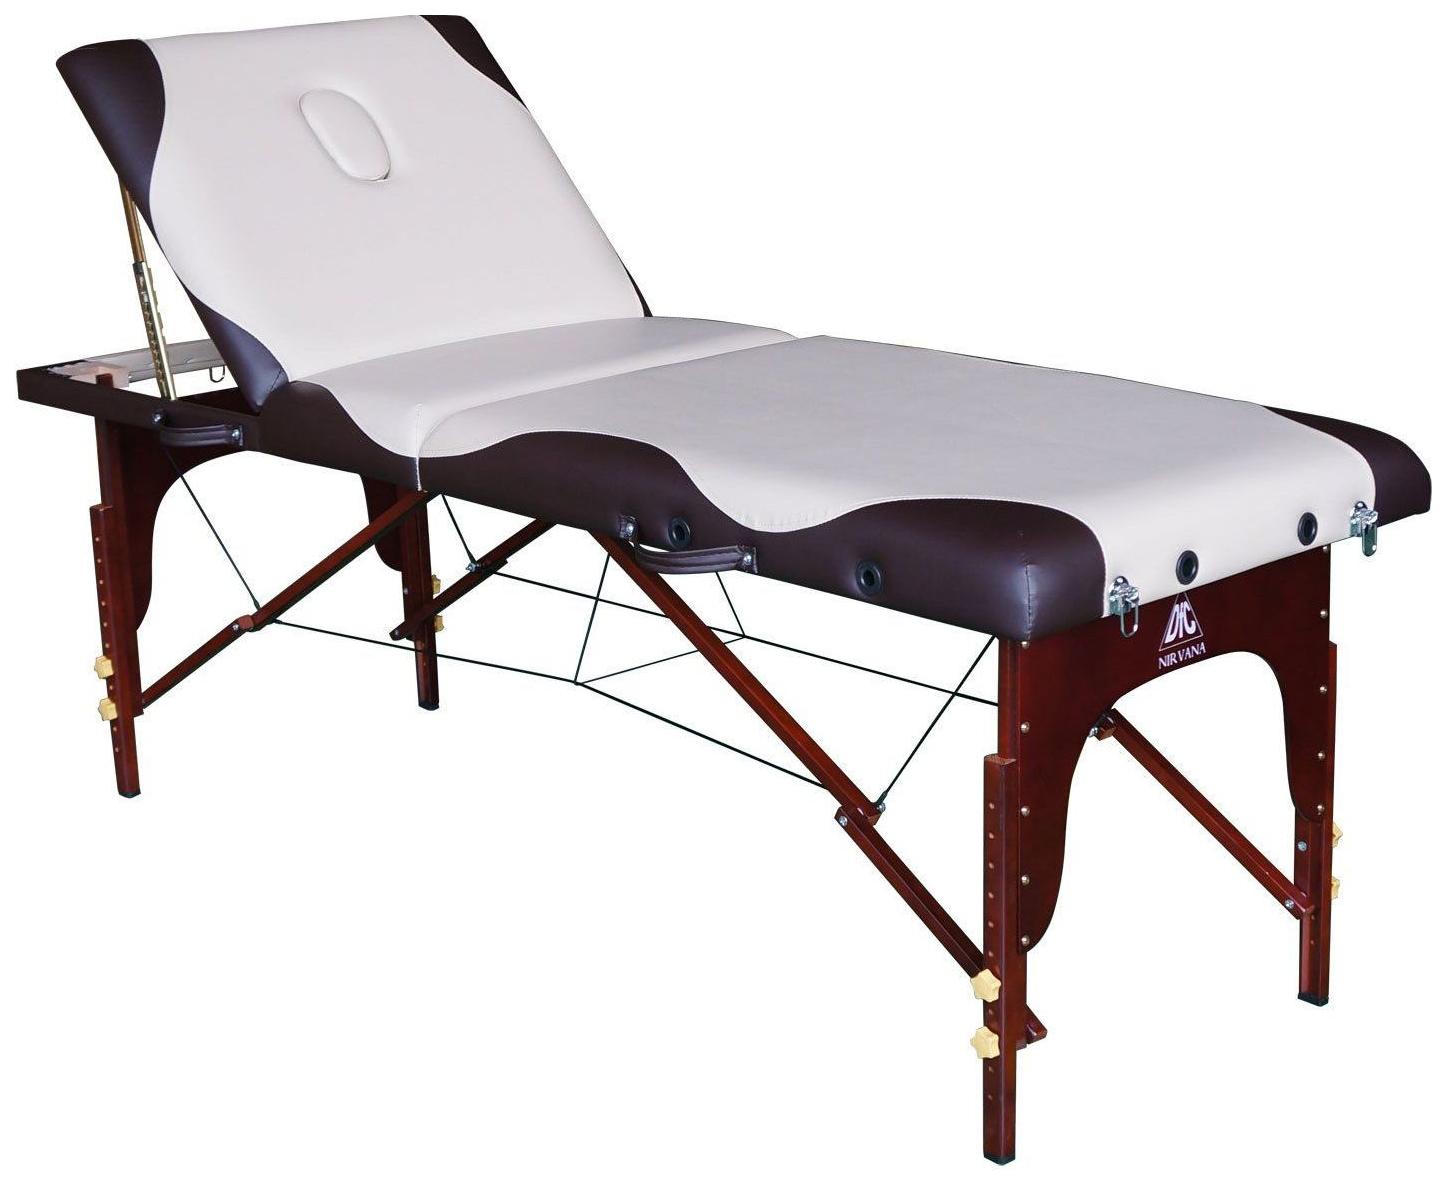 Массажный стол DFC Nirvana Relax Pro бежевый/коричневый фото